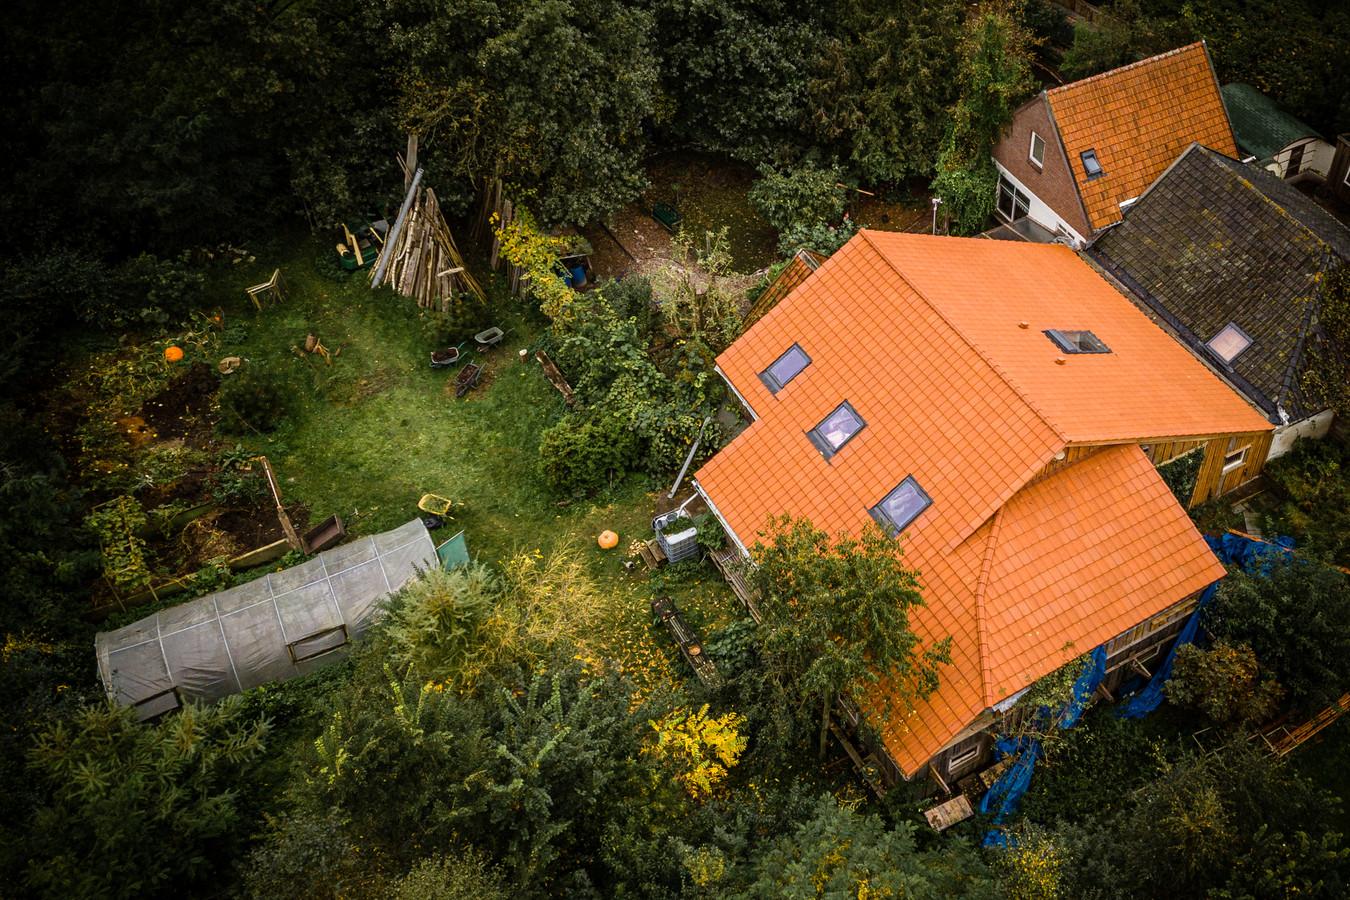 De boerderij in Drentse Ruinerwold waar Gerrit Jan van D. zijn gezin jarenlang verborgen hield voor de buitenwereld.